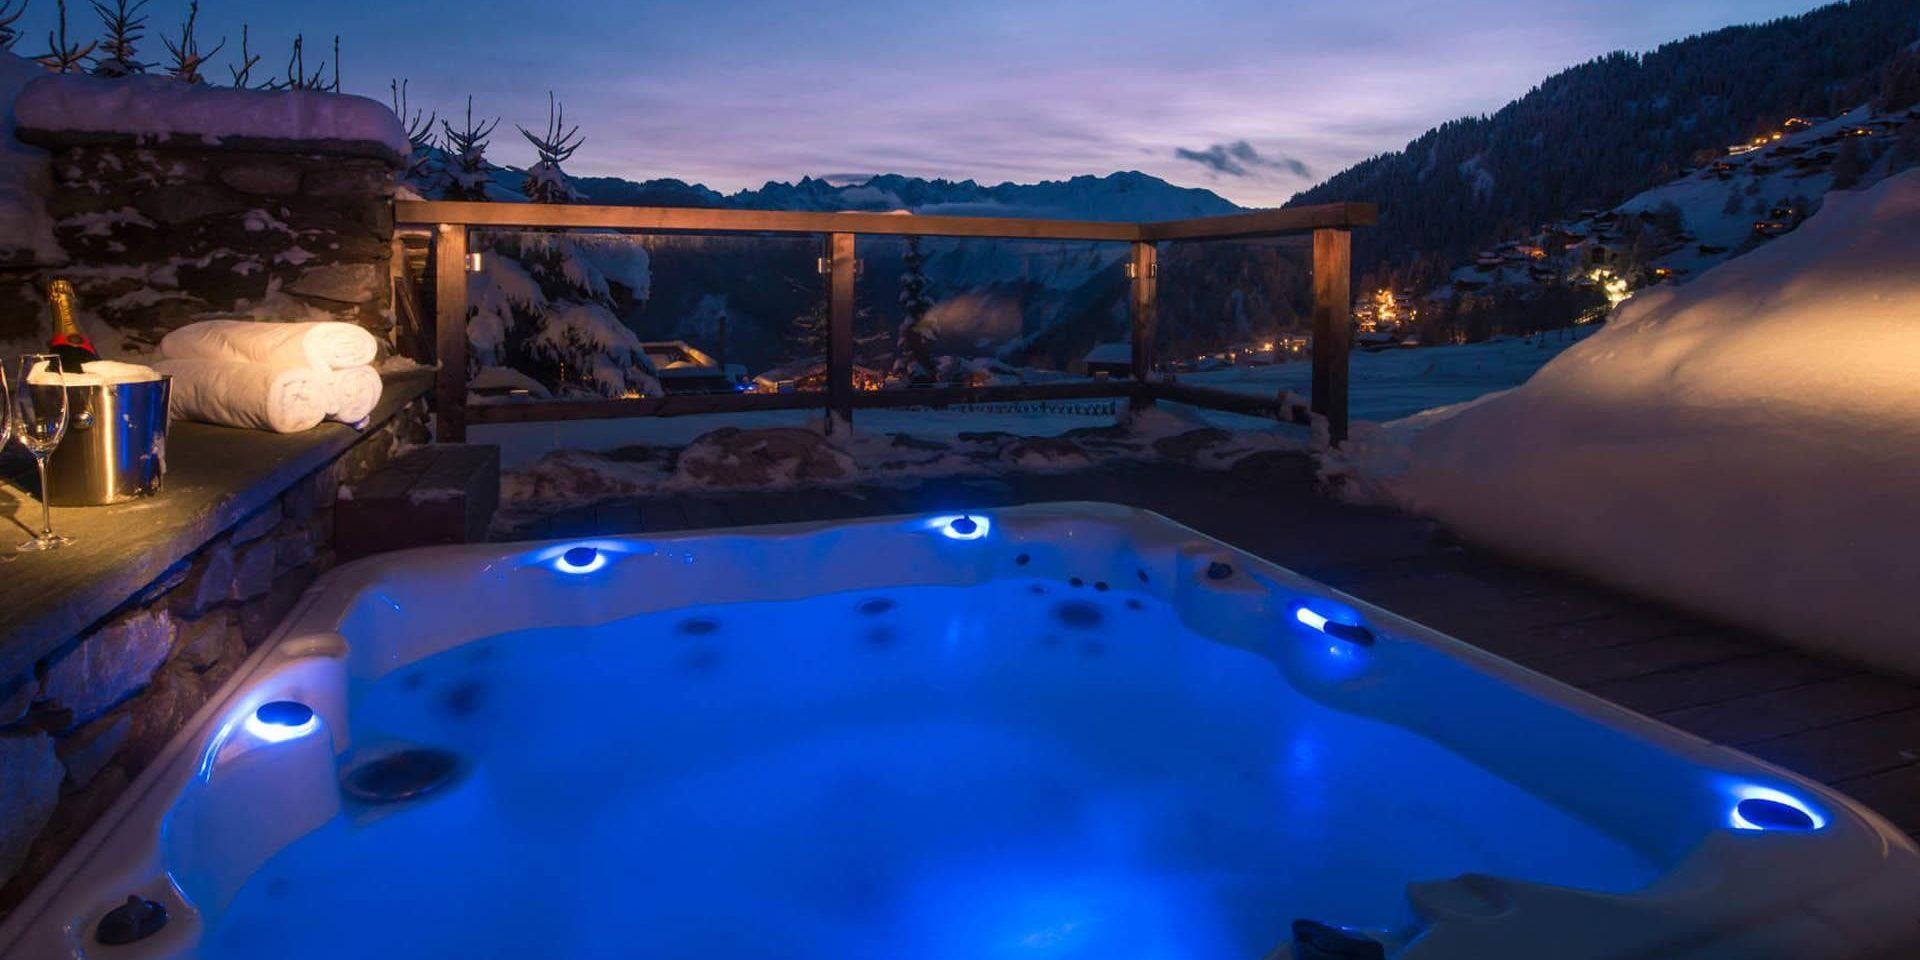 Chalet Pierre Avoi Verbier Les 4 Vallees Zwitserland wintersport skivakantie luxe hot tub Champagne glazen handdoeken ontspannen relaxen sneeuw bomen uitzicht bergen